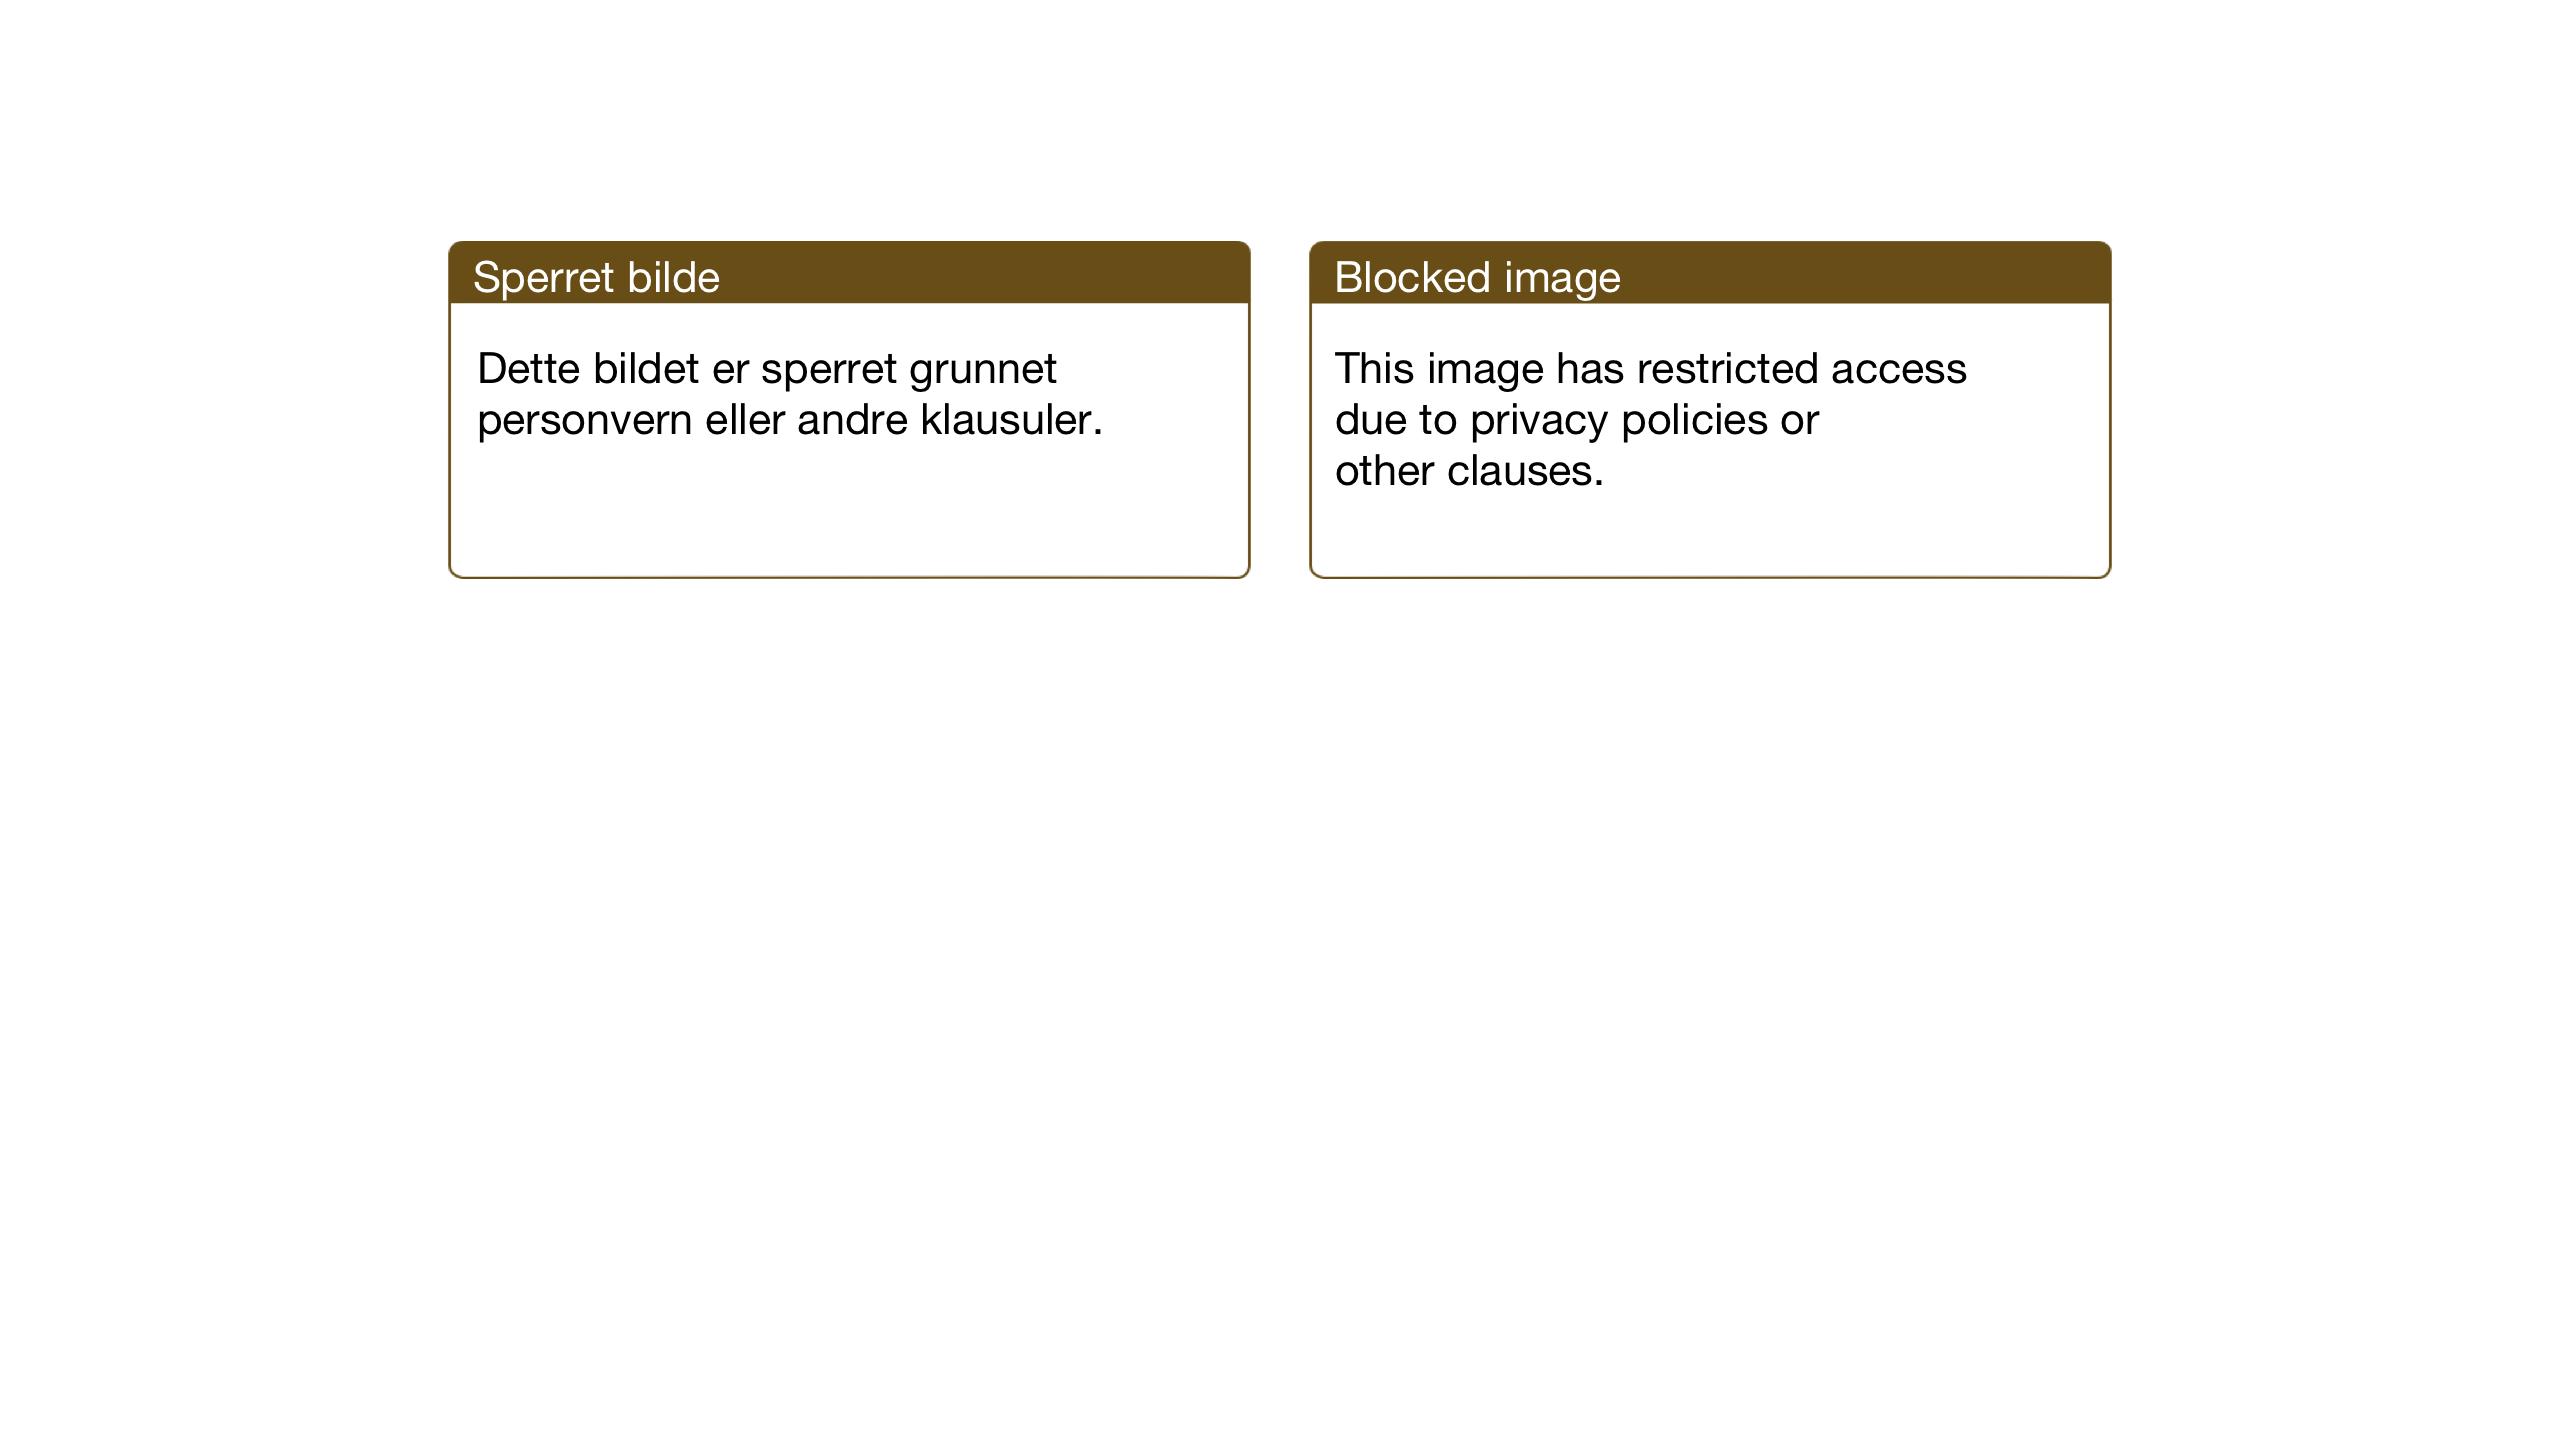 SAT, Ministerialprotokoller, klokkerbøker og fødselsregistre - Nord-Trøndelag, 770/L0591: Klokkerbok nr. 770C02, 1902-1940, s. 74